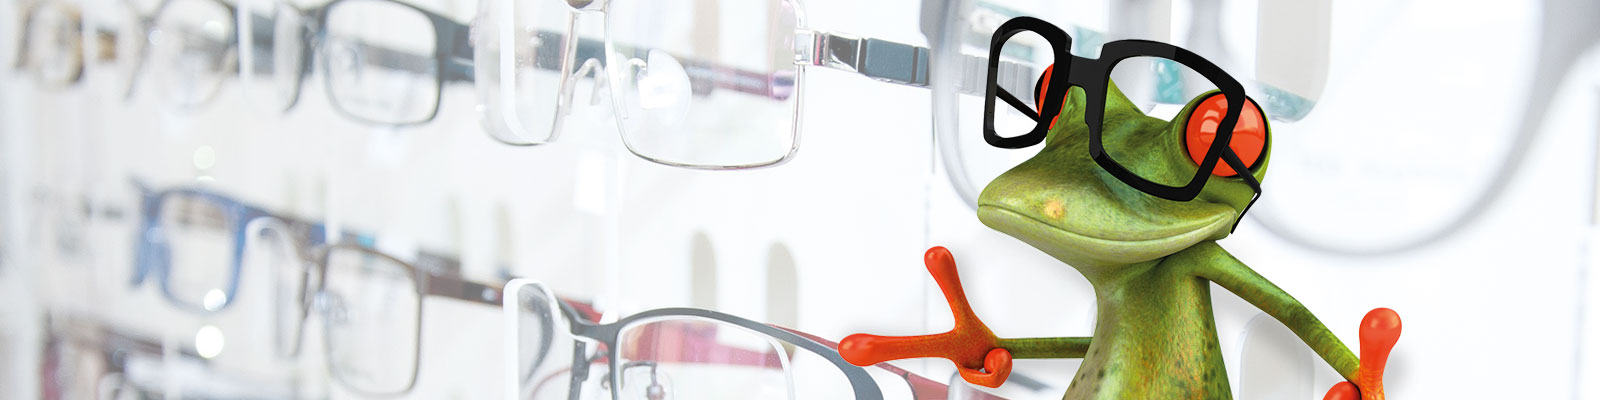 optik-gerigk-brillenfassungen